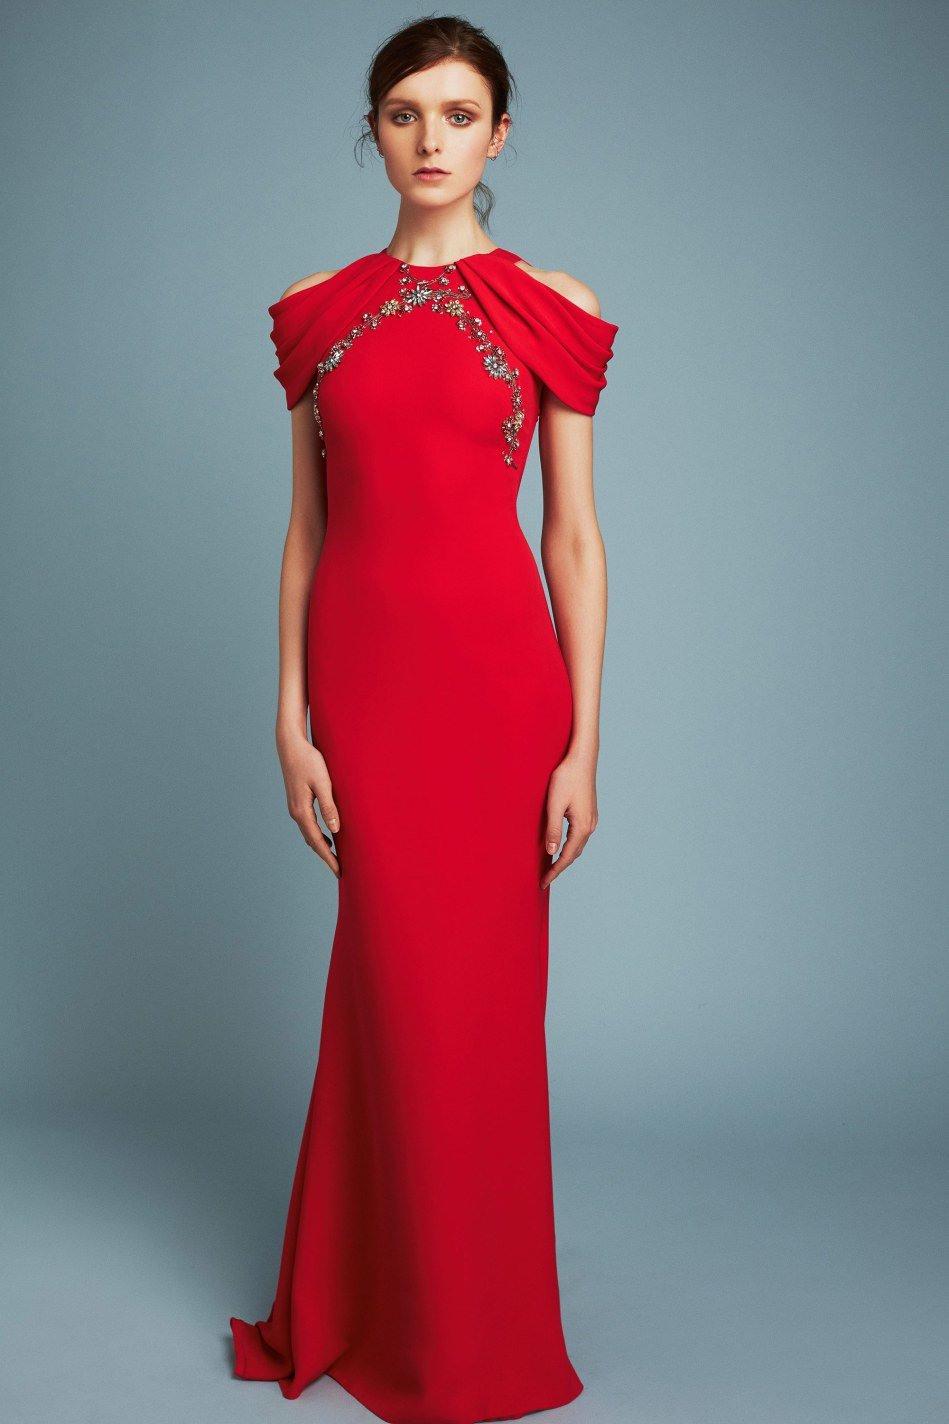 10 Top Dunkelrotes Abendkleid Galerie10 Luxus Dunkelrotes Abendkleid Bester Preis